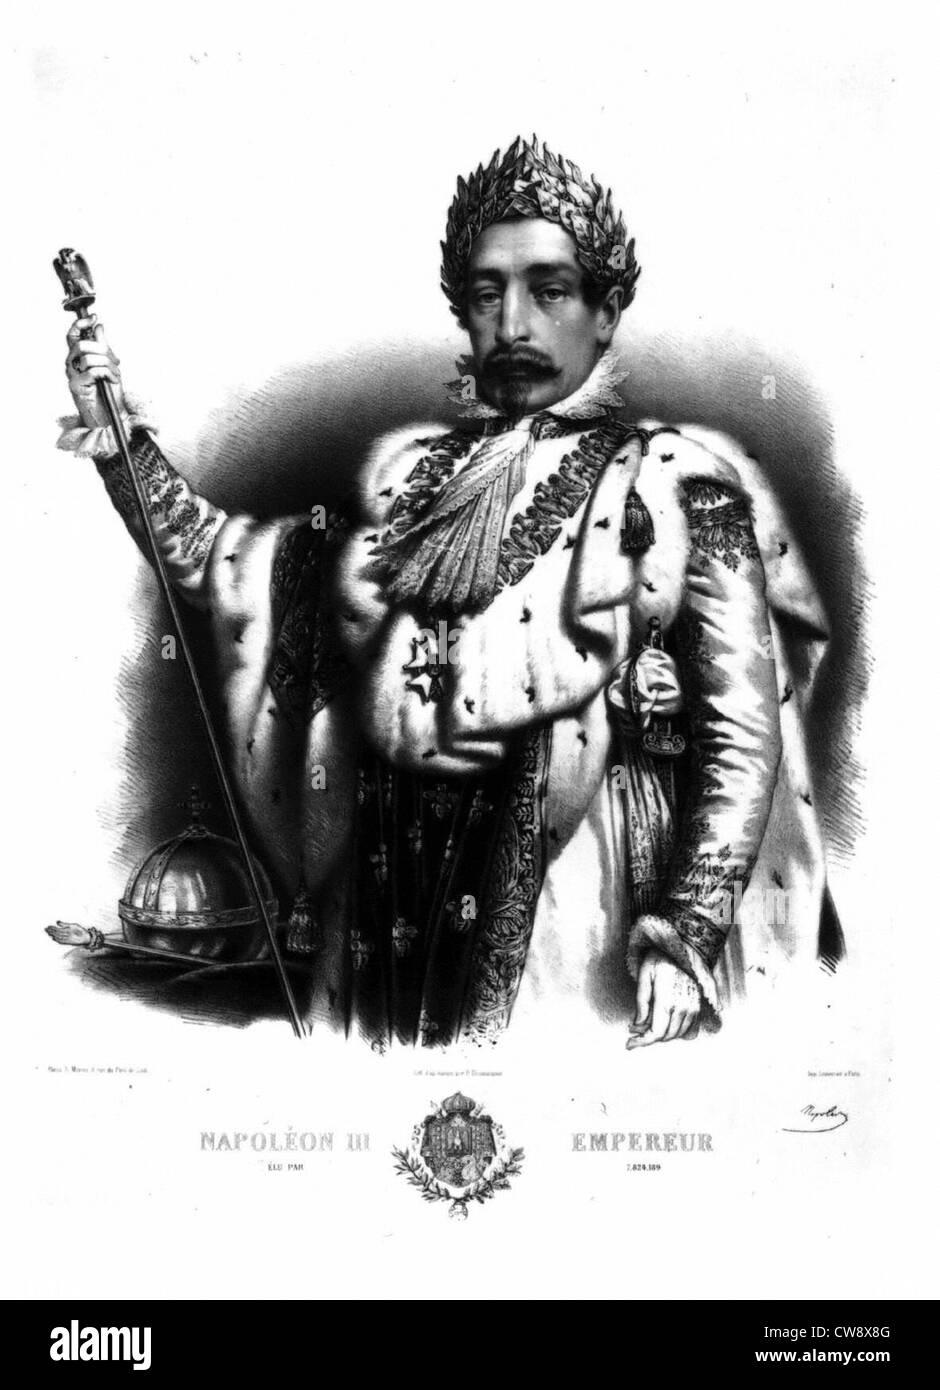 Napoleon III, emperor - Stock Image